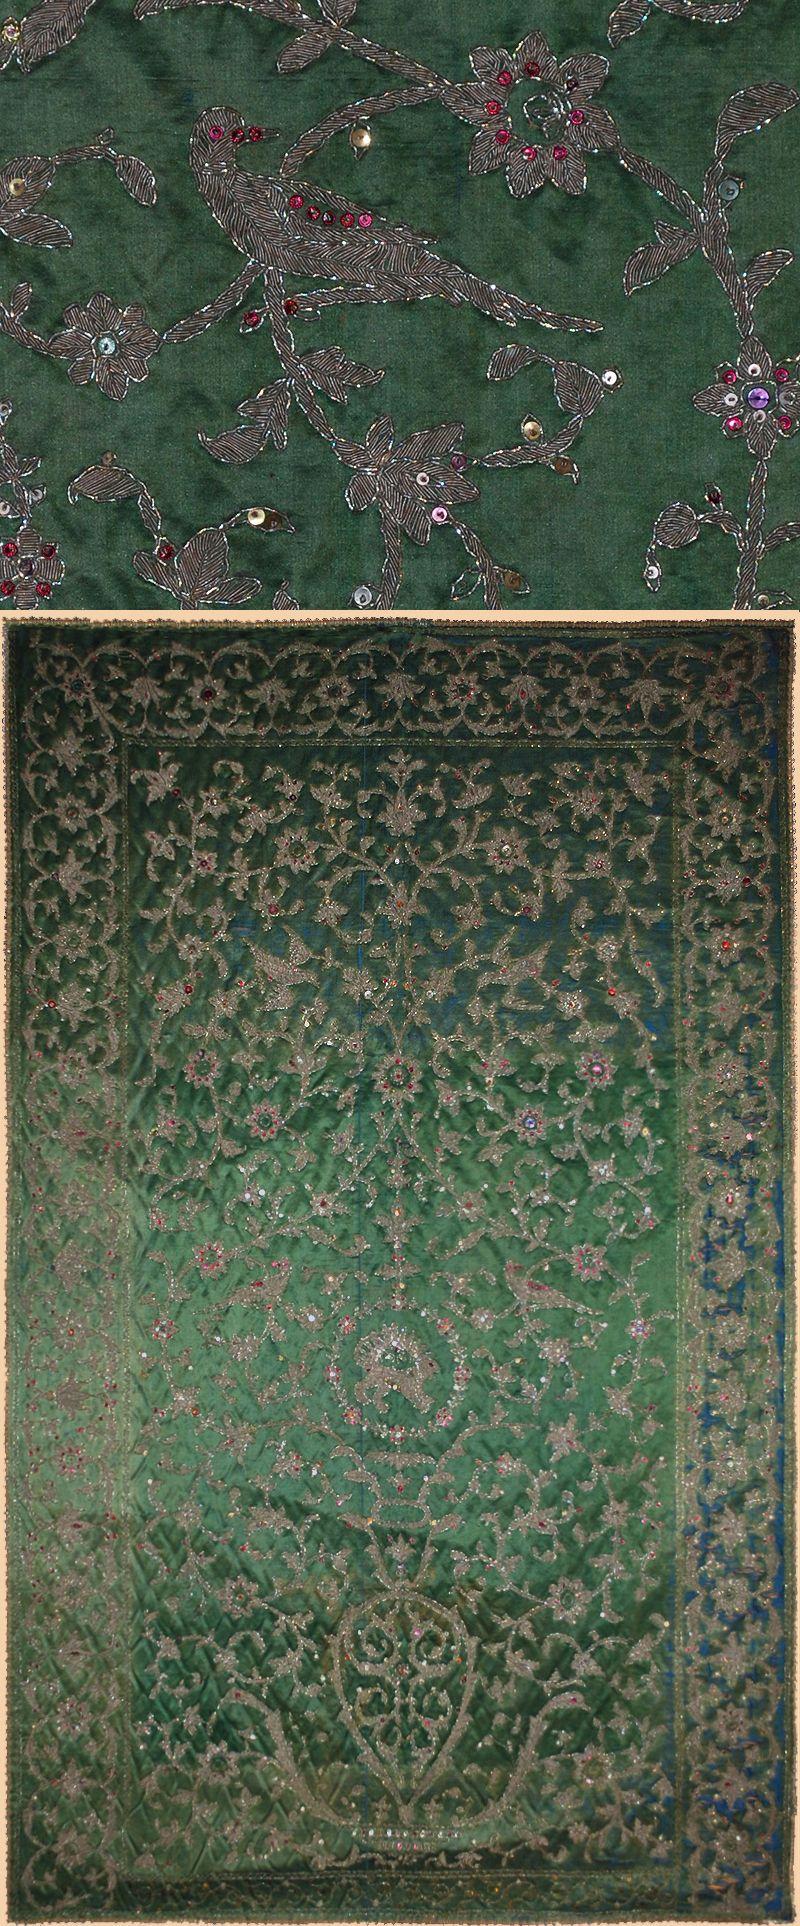 Persian Textiles Textileasart Com Fine Antique Textiles And Antique Textile Information Antique Textiles Islamic Art Iranian Art